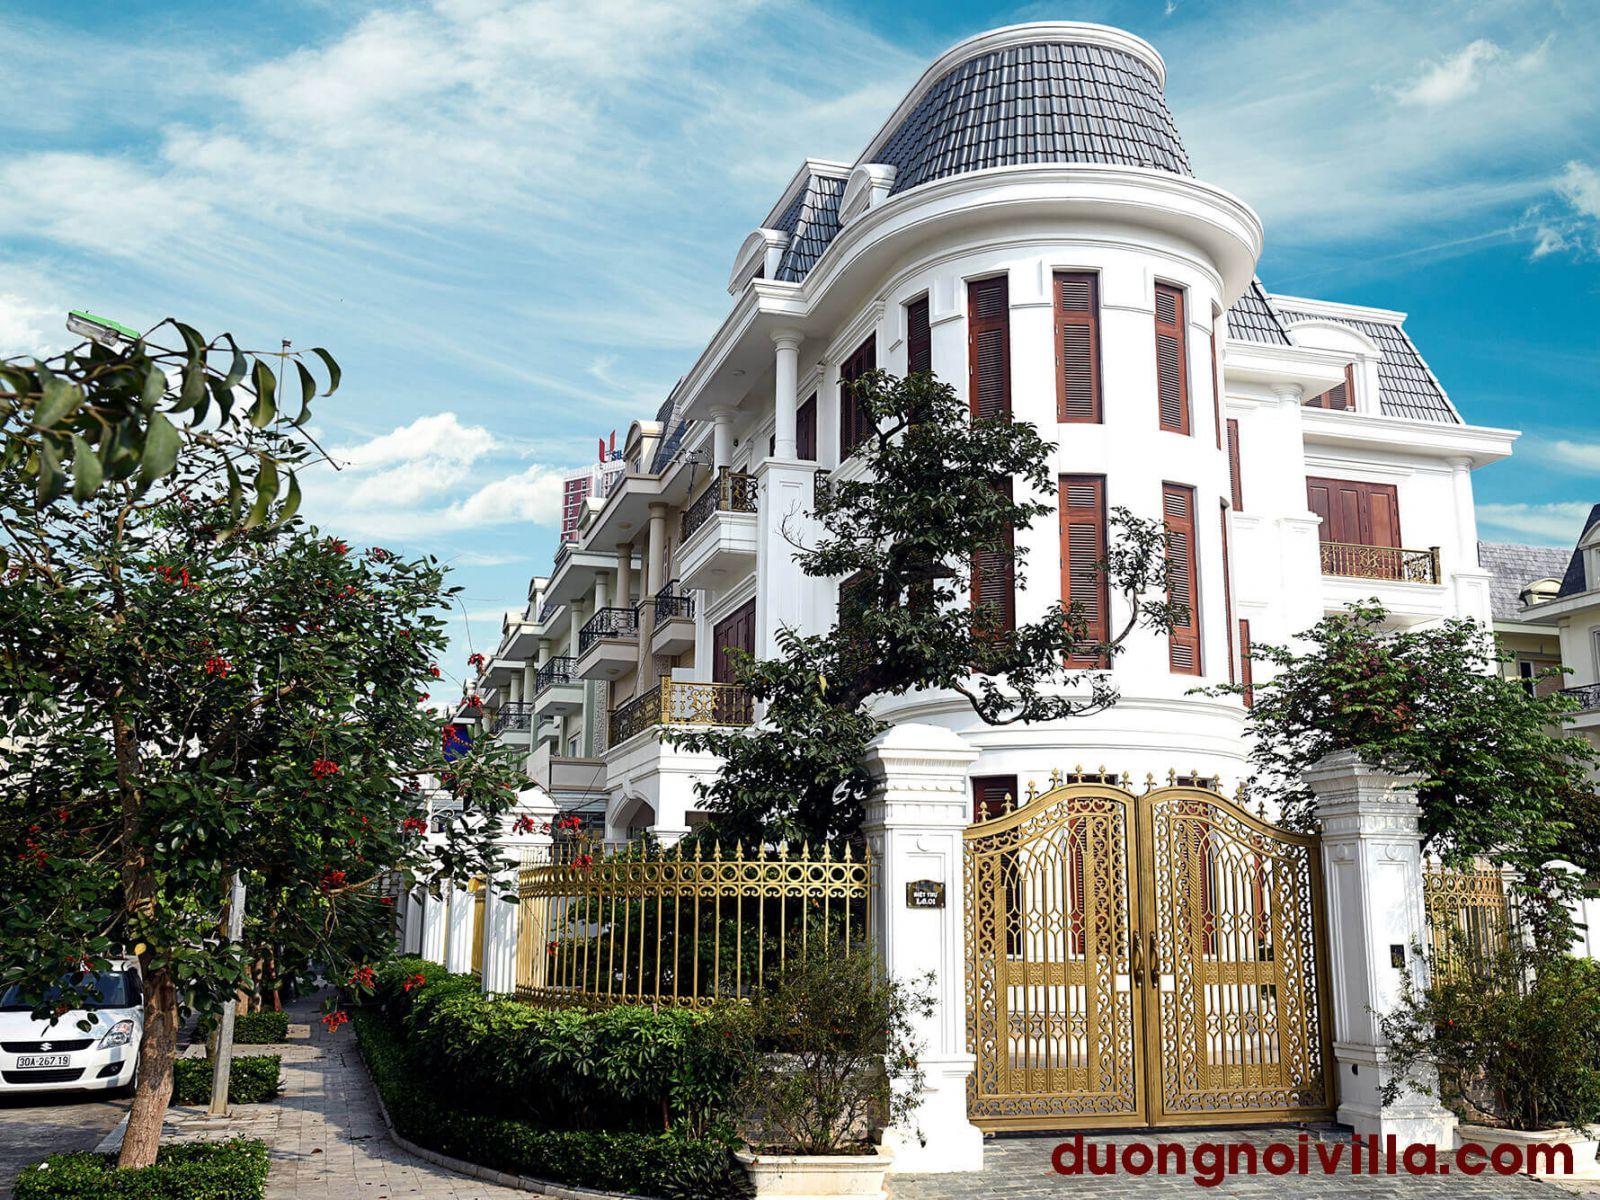 Biệt thự An Khang Villa Dương Nội